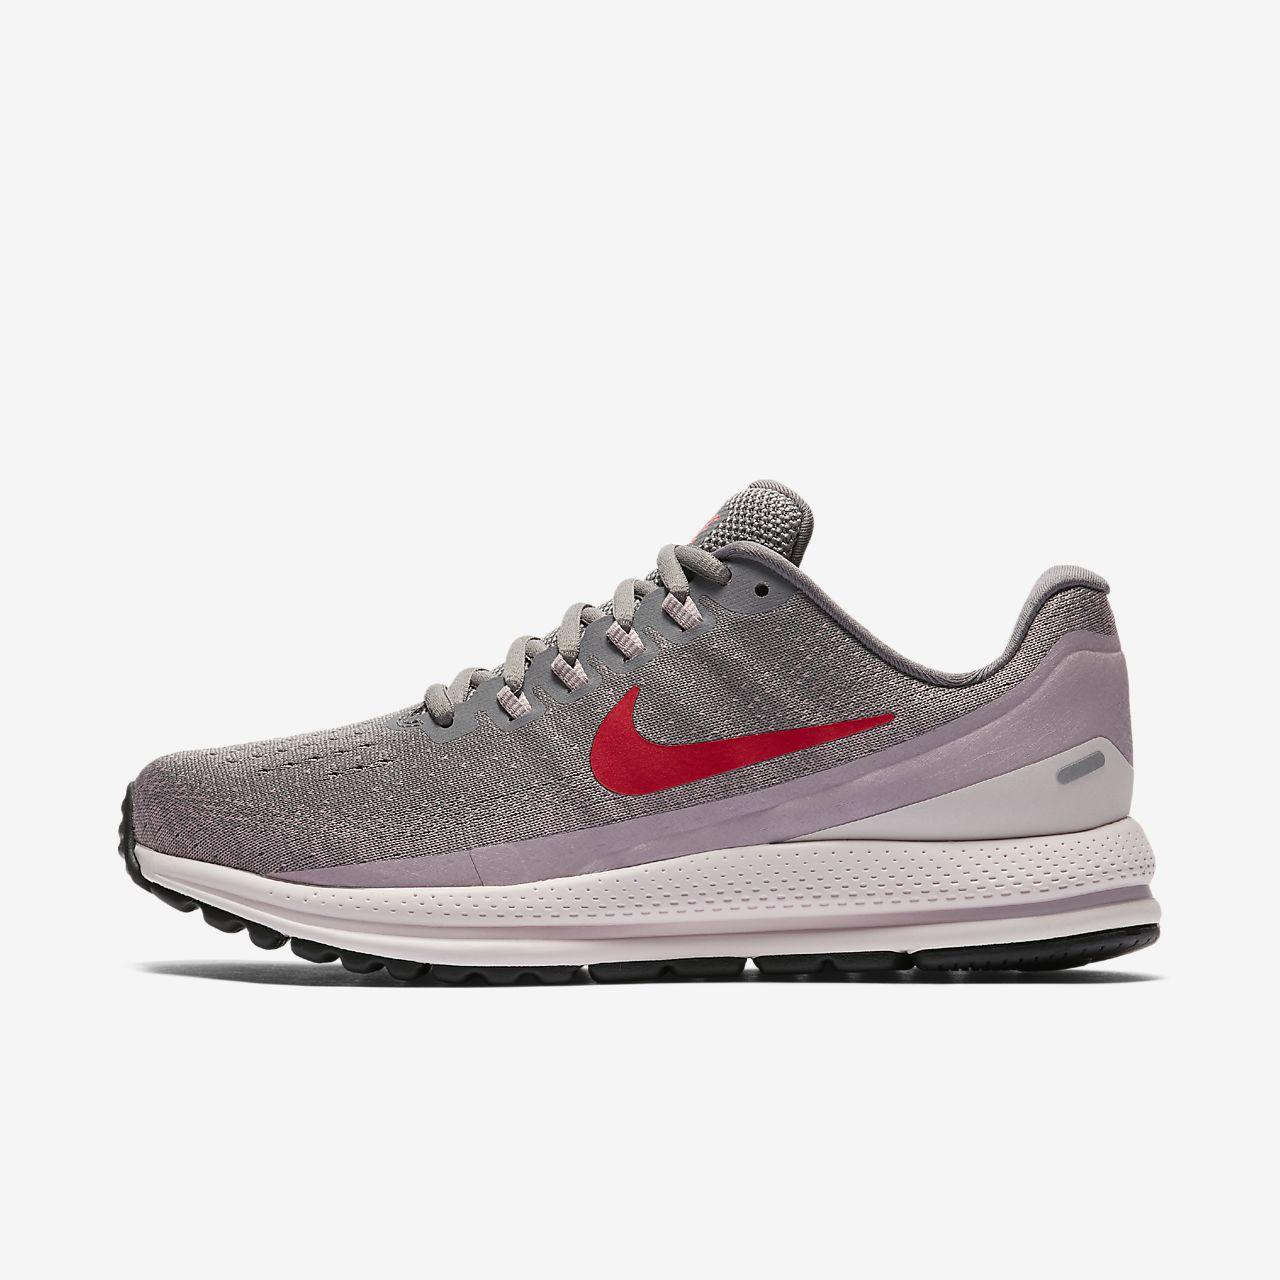 Nike Air Zoom Vomero 13 Hardloopschoen voor dames